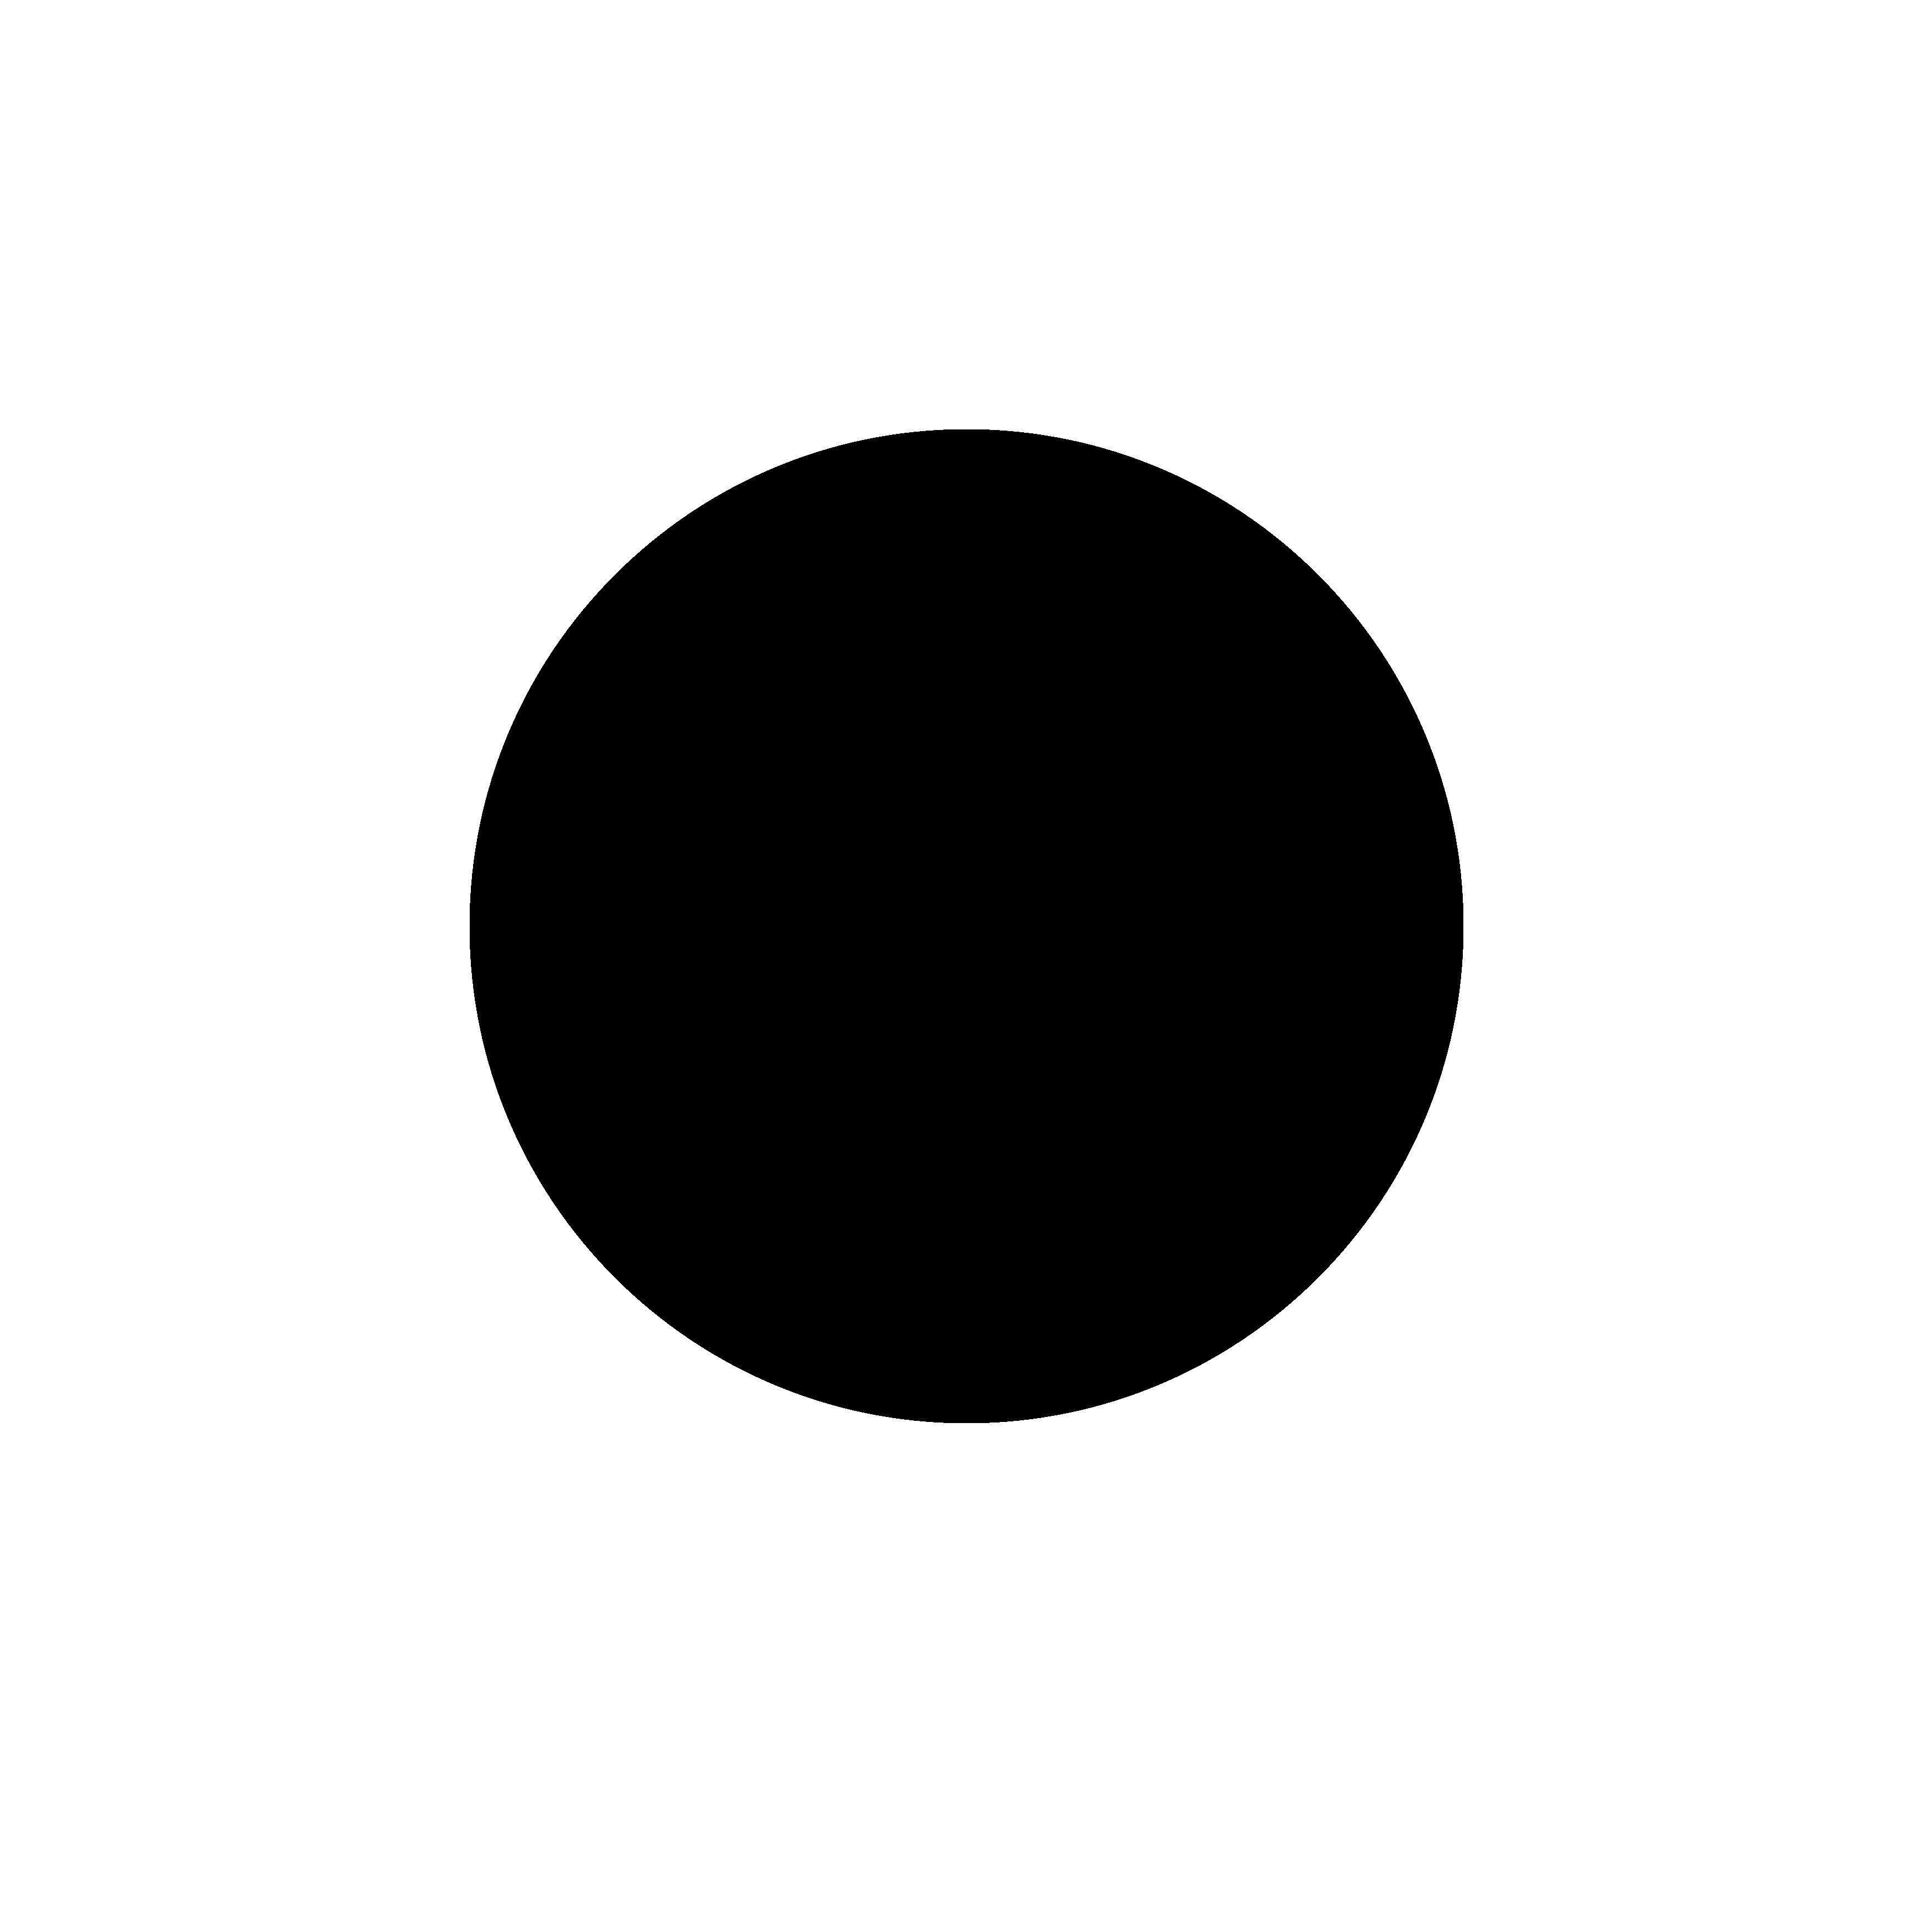 CAPSULA FW19 -  30%OFF EN LA CATEGORIA - CAPSULA FW19 -